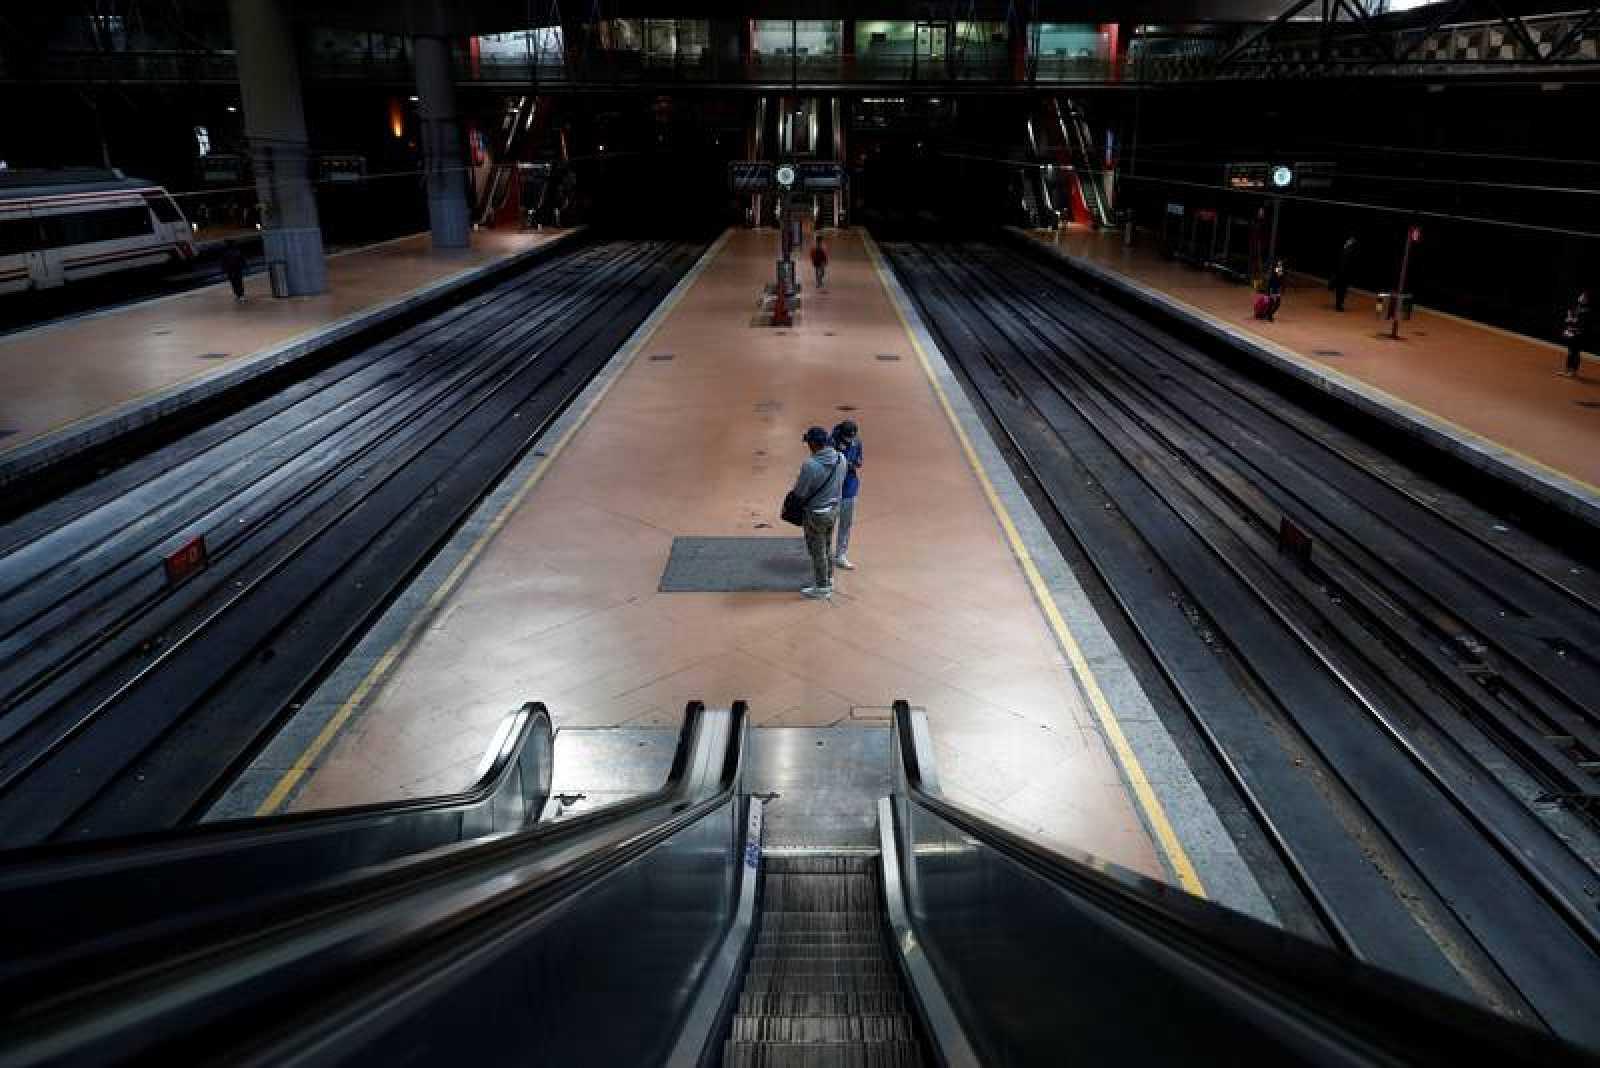 Andenes vacíos en la estación de Cercanías de Atocha este lunes en Madrid.